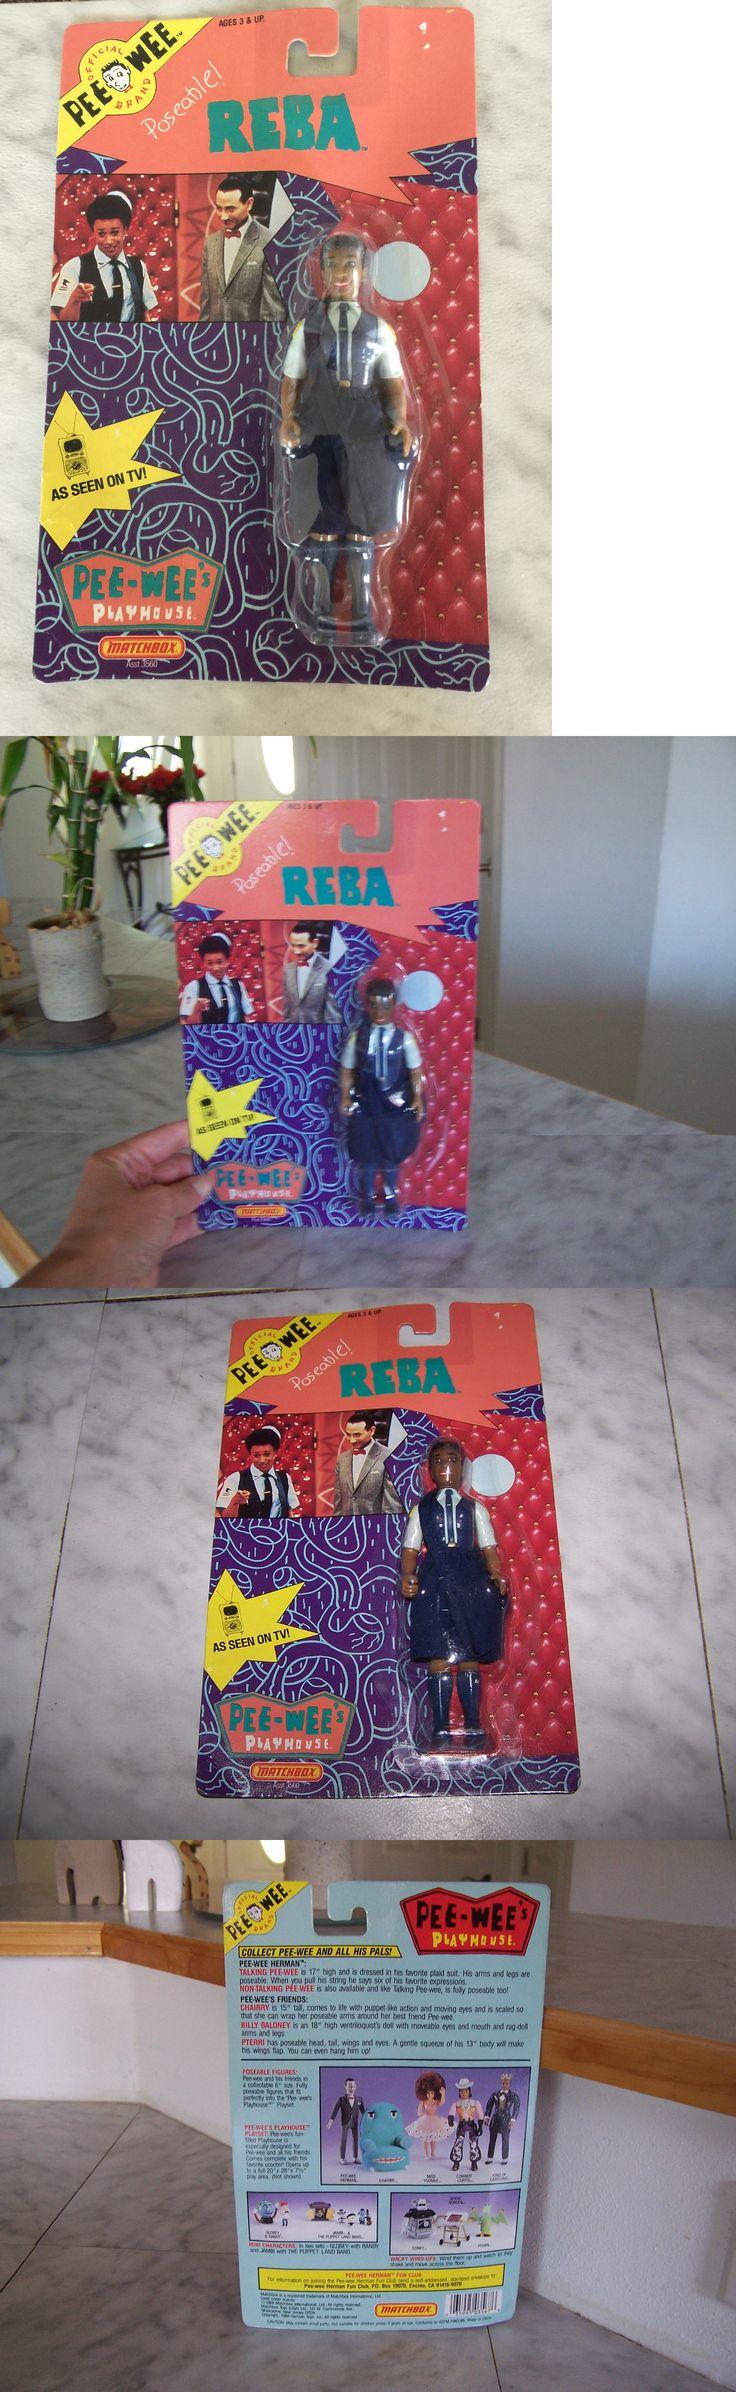 Pee-Wee Herman 20917: 1988 Pee Wee Playhouse Poseable Reba Matchbox (New) -> BUY IT NOW ONLY: $49.99 on eBay!